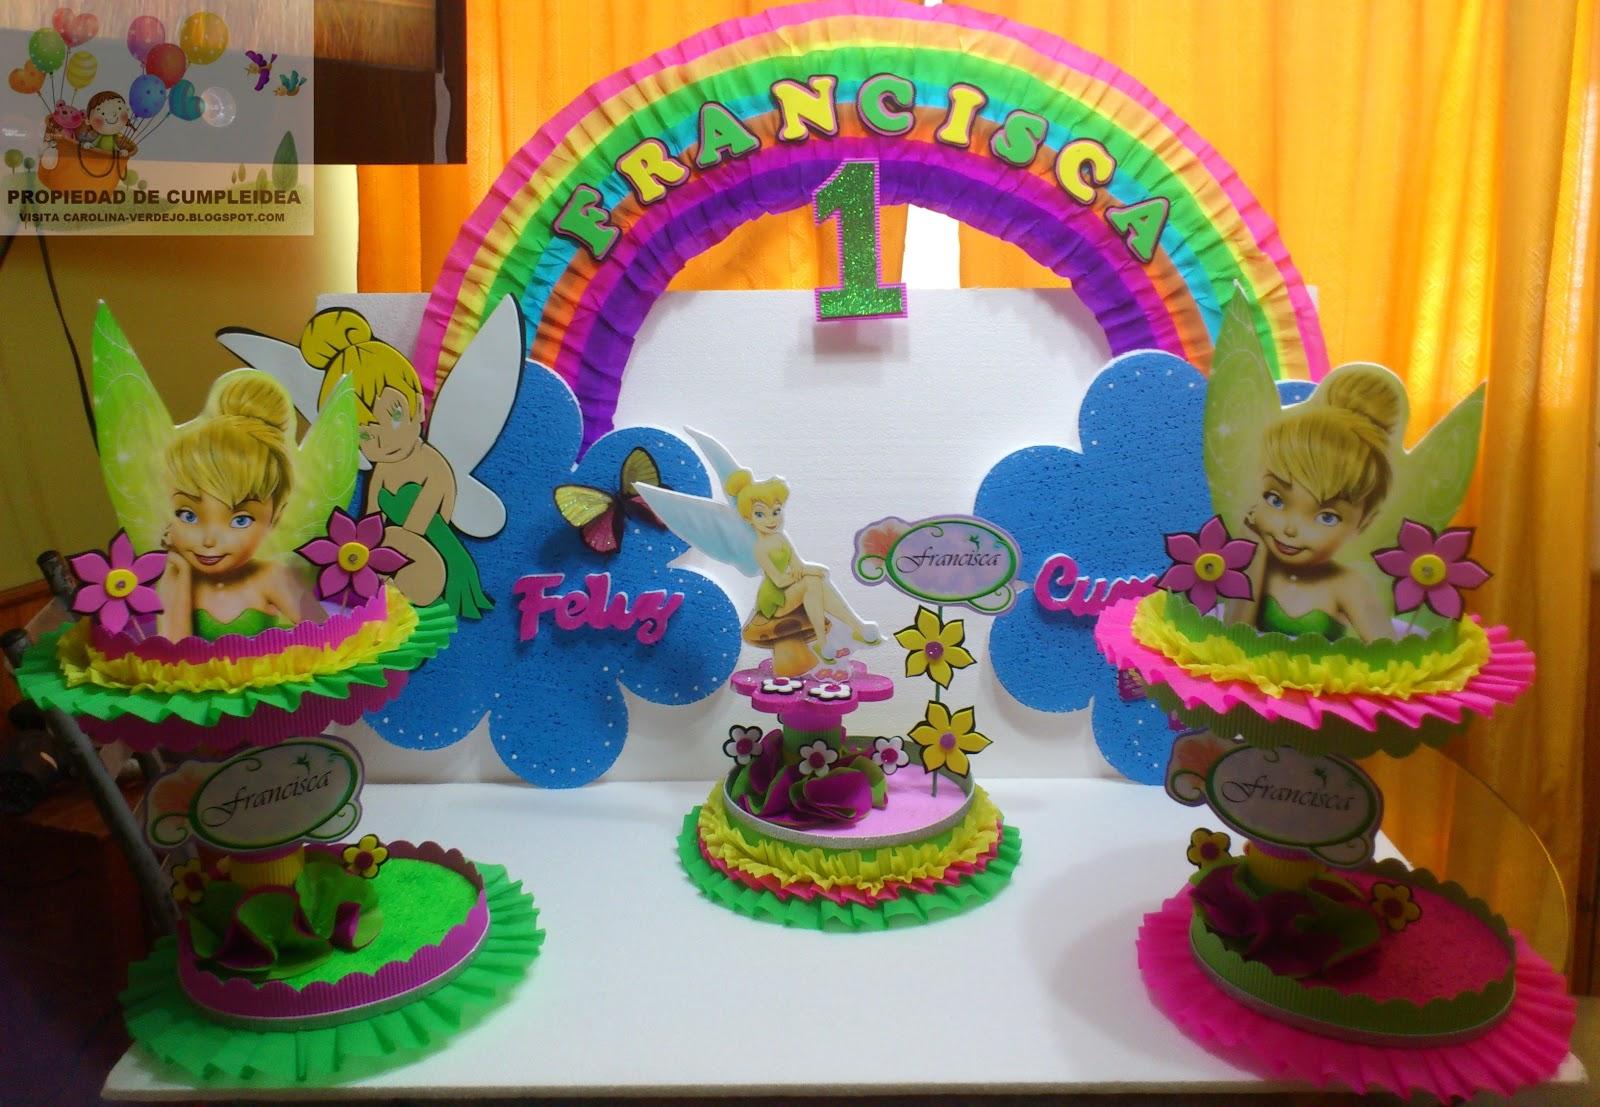 Decoraciones infantiles noviembre 2012 for Decoraciones infantiles